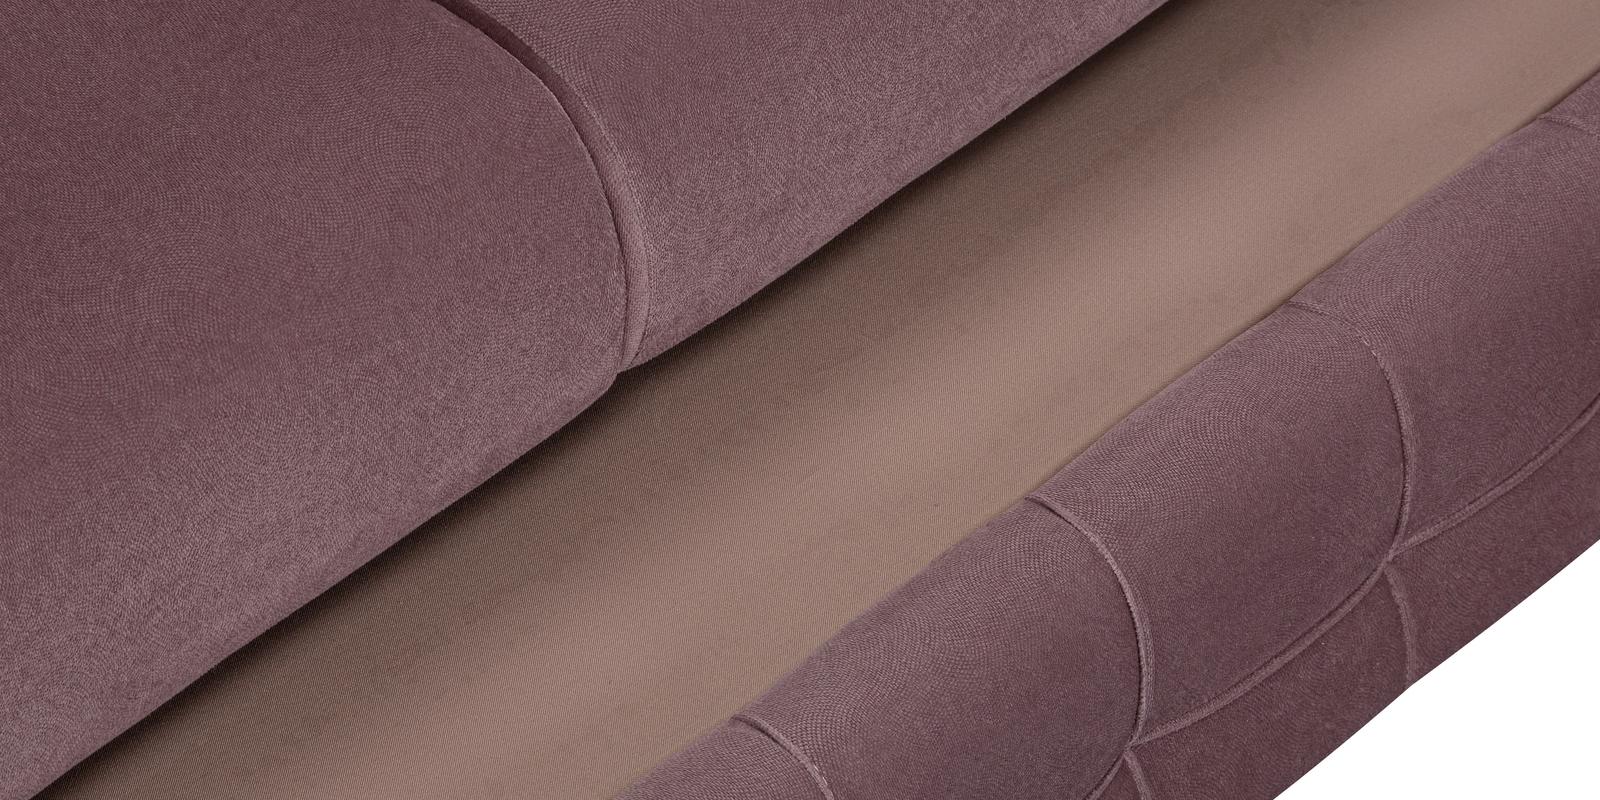 Диван тканевый угловой Николь Maserati розовый (Велюр)